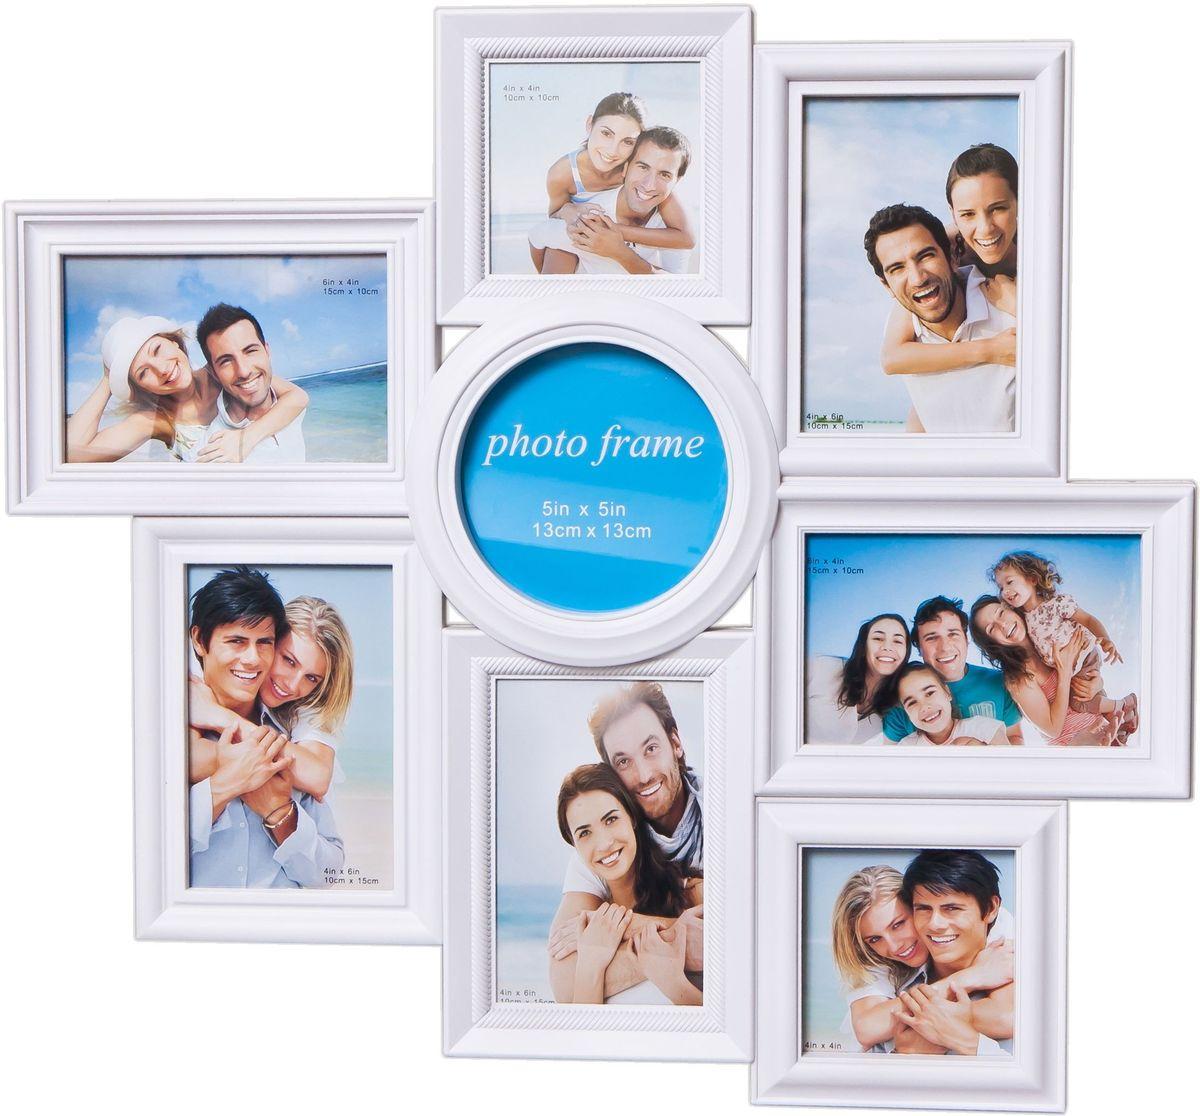 Фоторамка Platinum, цвет: белый, на 8 фото. BH-140841619Фоторамка Platinum - прекрасный способ красиво оформить ваши фотографии. Фоторамка выполнена из пластика и защищена стеклом. Фоторамка-коллаж представляет собой восемь фоторамок для фото разного размера оригинально соединенных между собой. Такая фоторамка поможет сохранить в памяти самые яркие моменты вашей жизни, а стильный дизайн сделает ее прекрасным дополнением интерьера комнаты. Фоторамка подходит для 5 фото 10 х 15 см, 1 фото 13 х 13 см и 2 фото 10 х 10 см.Общий размер фоторамки: 50 х 47 см.